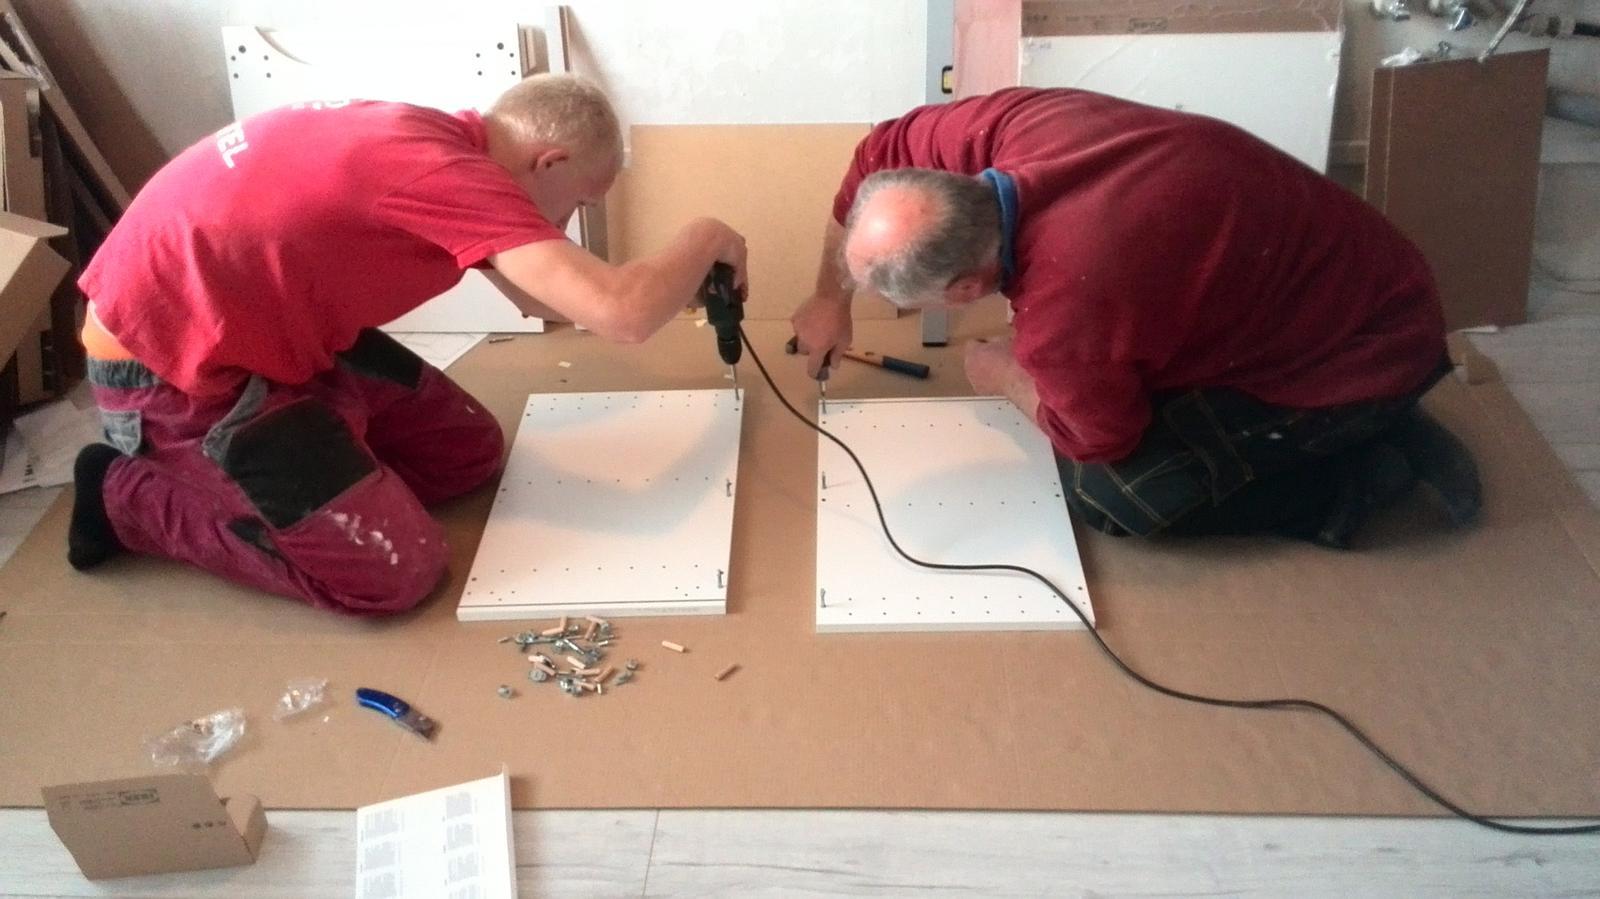 Rekonstrukne naší kuchyně - H&H (...ala přítel s taťkou...) v akci :-)